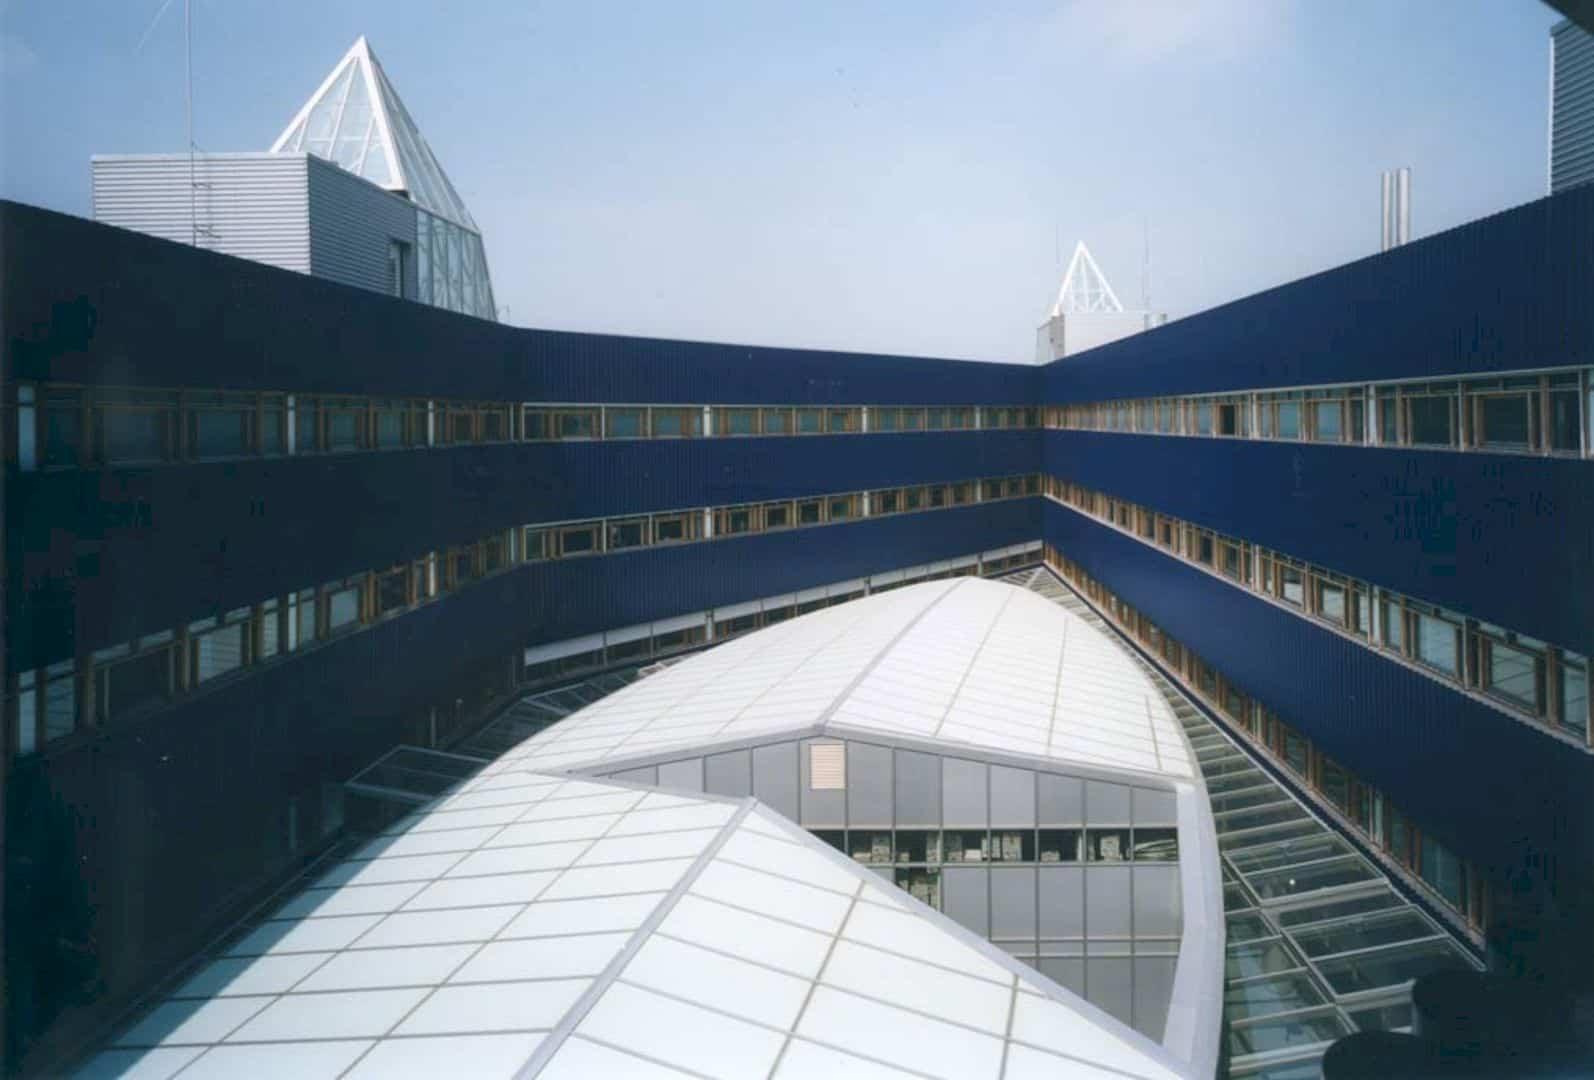 Regional Police Station Nijmegen By Jeanne Dekkers Architectuur 1